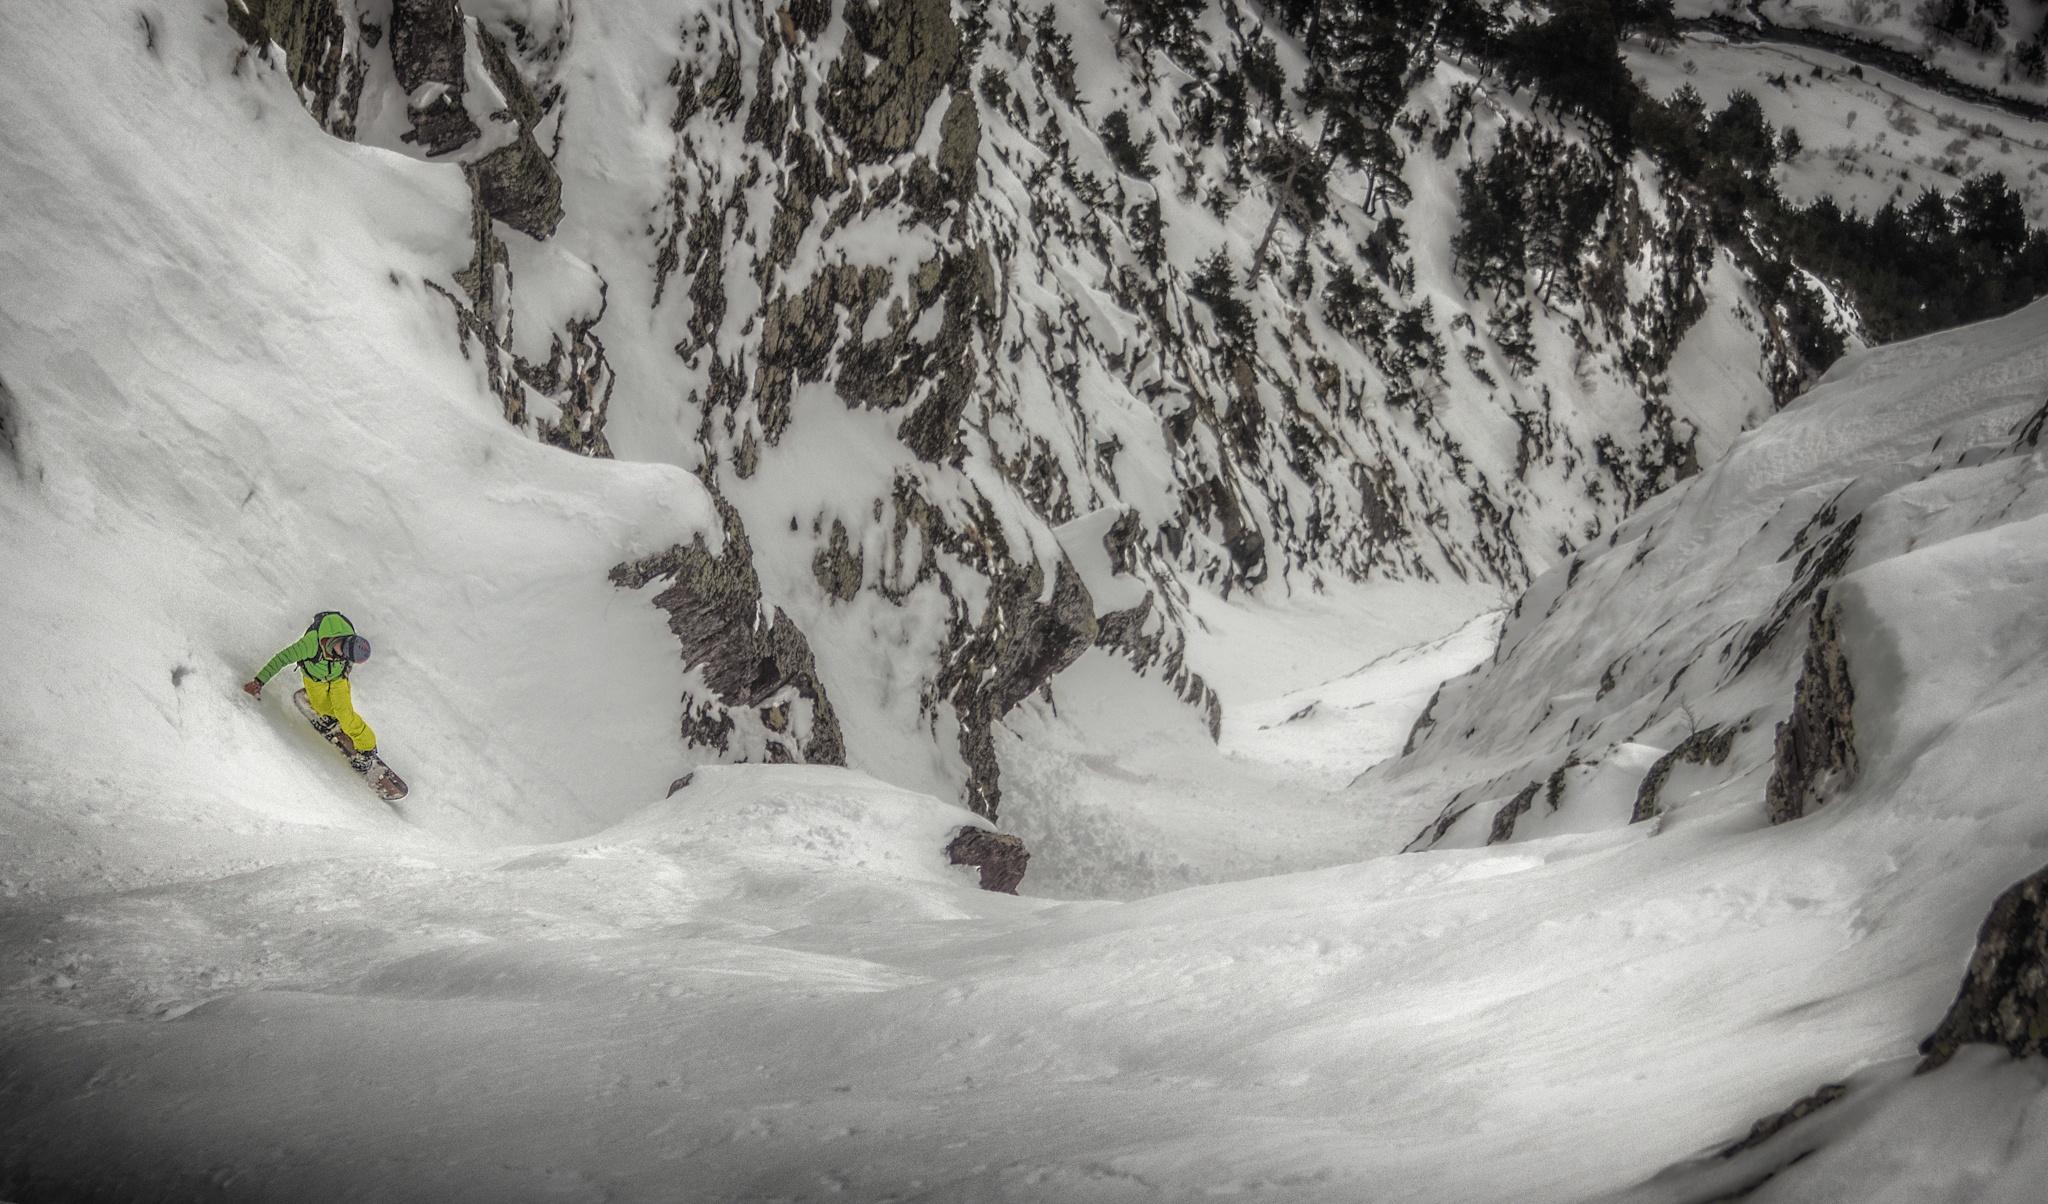 Canal Honda de La Raca, Ricardo Diaz - Ski & Snowboard - Fotos del Valle del Aragón, Mikel Besga